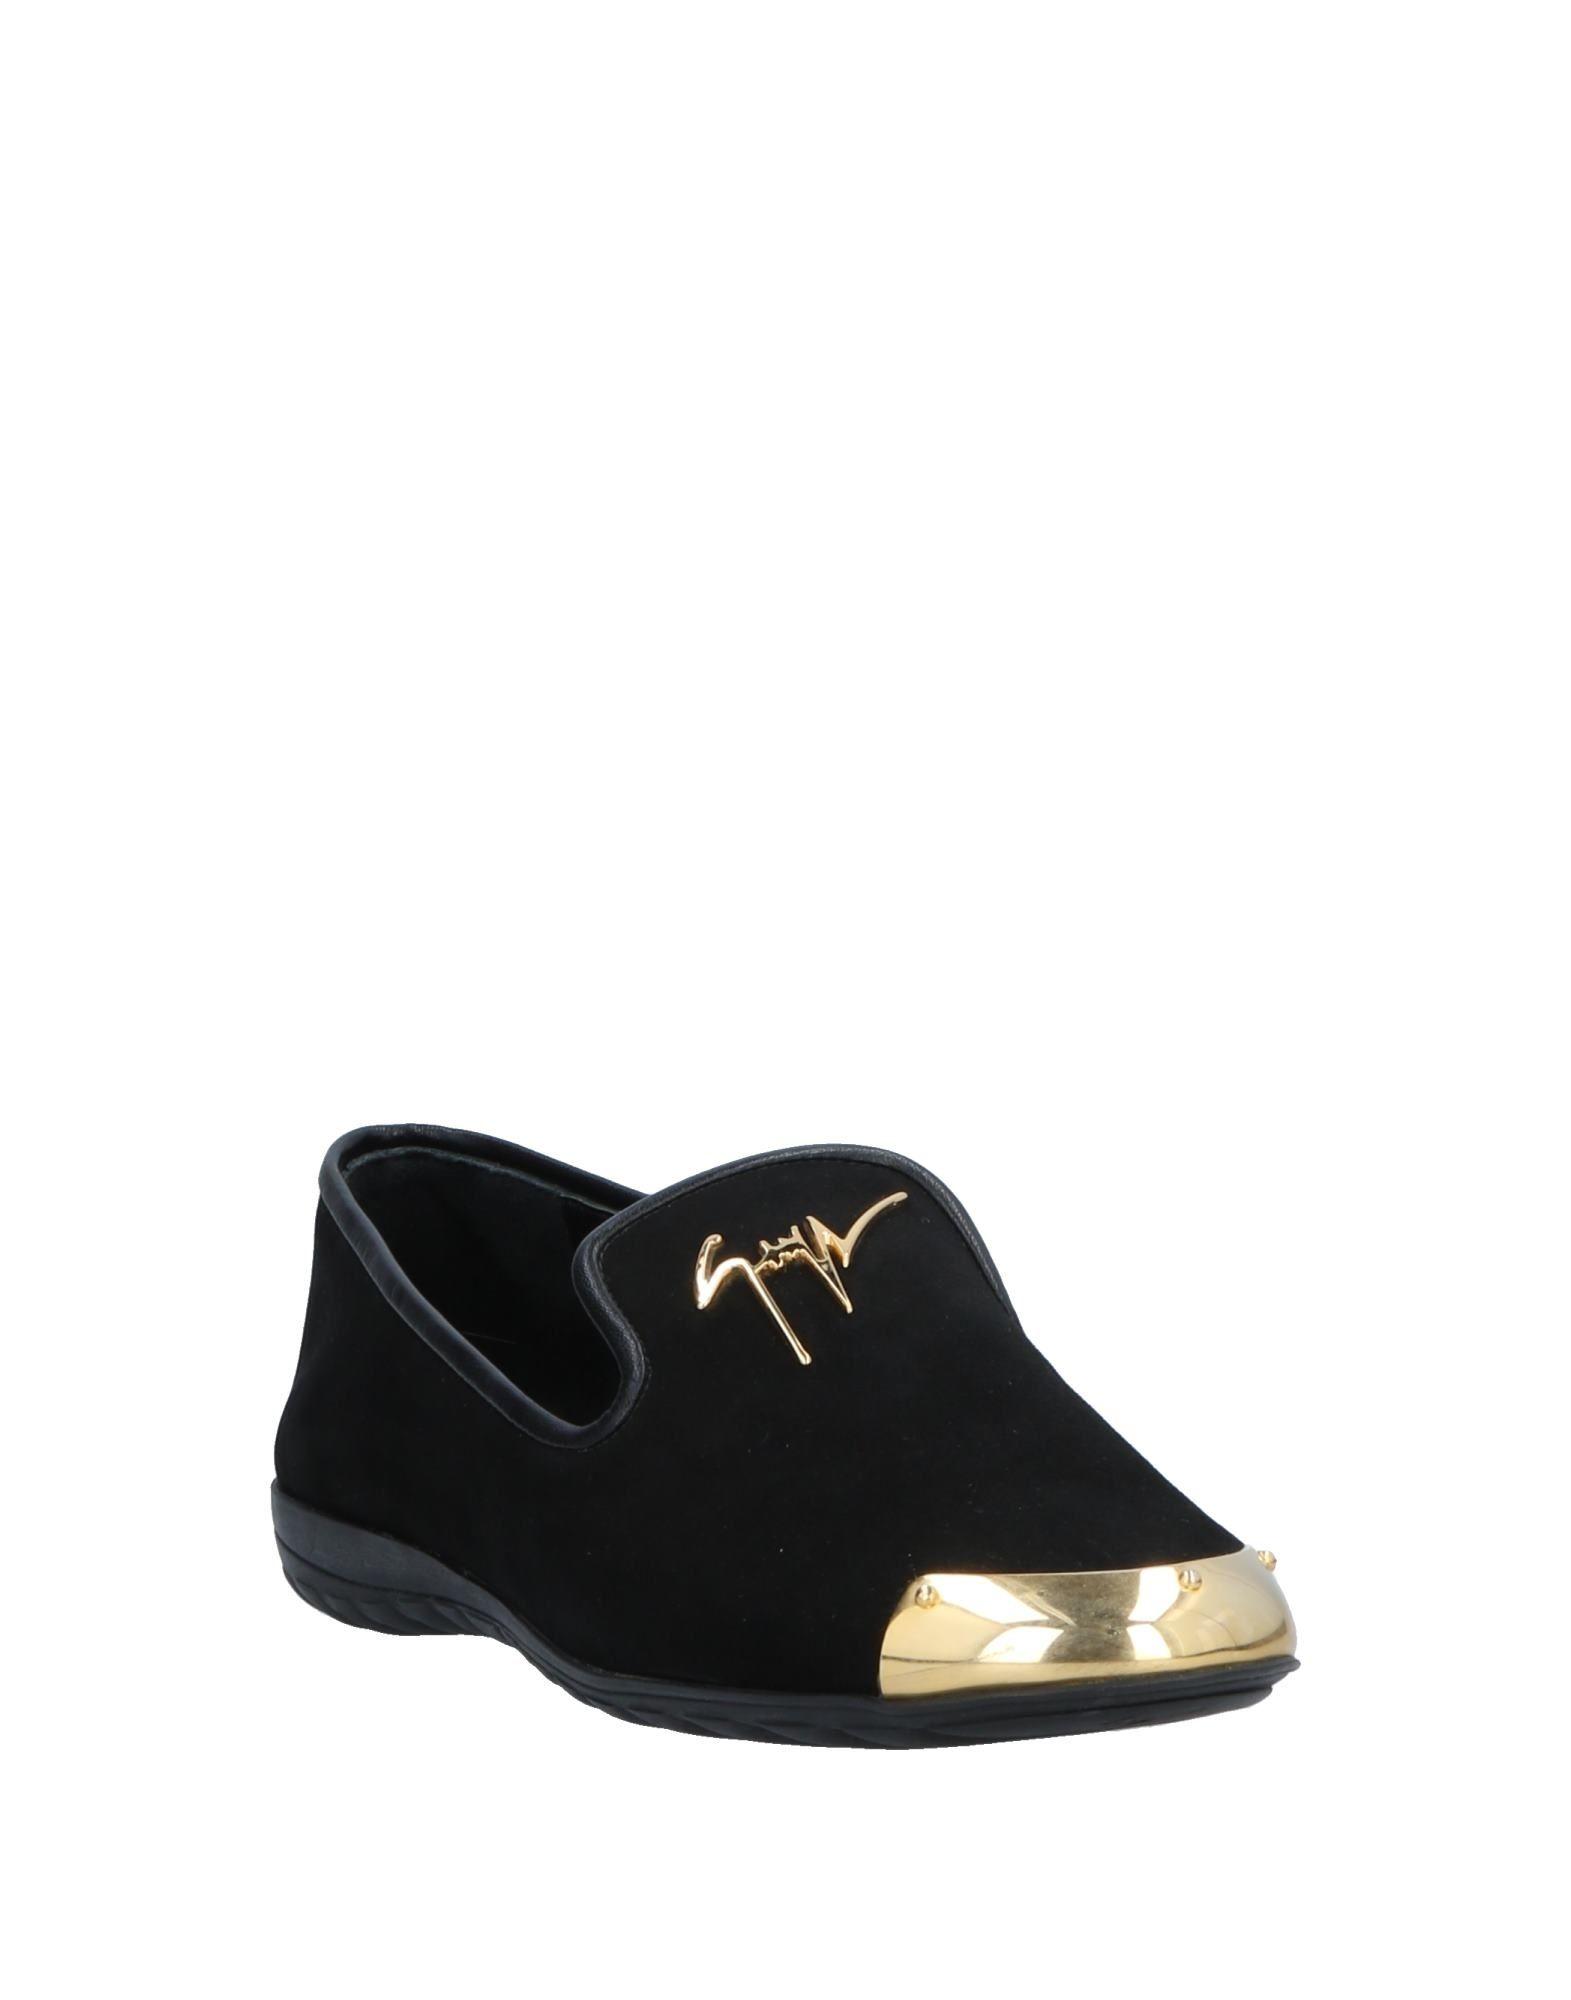 Giuseppe Zanotti Mokassins aussehende Damen  11516864CIGünstige gut aussehende Mokassins Schuhe eebd9f